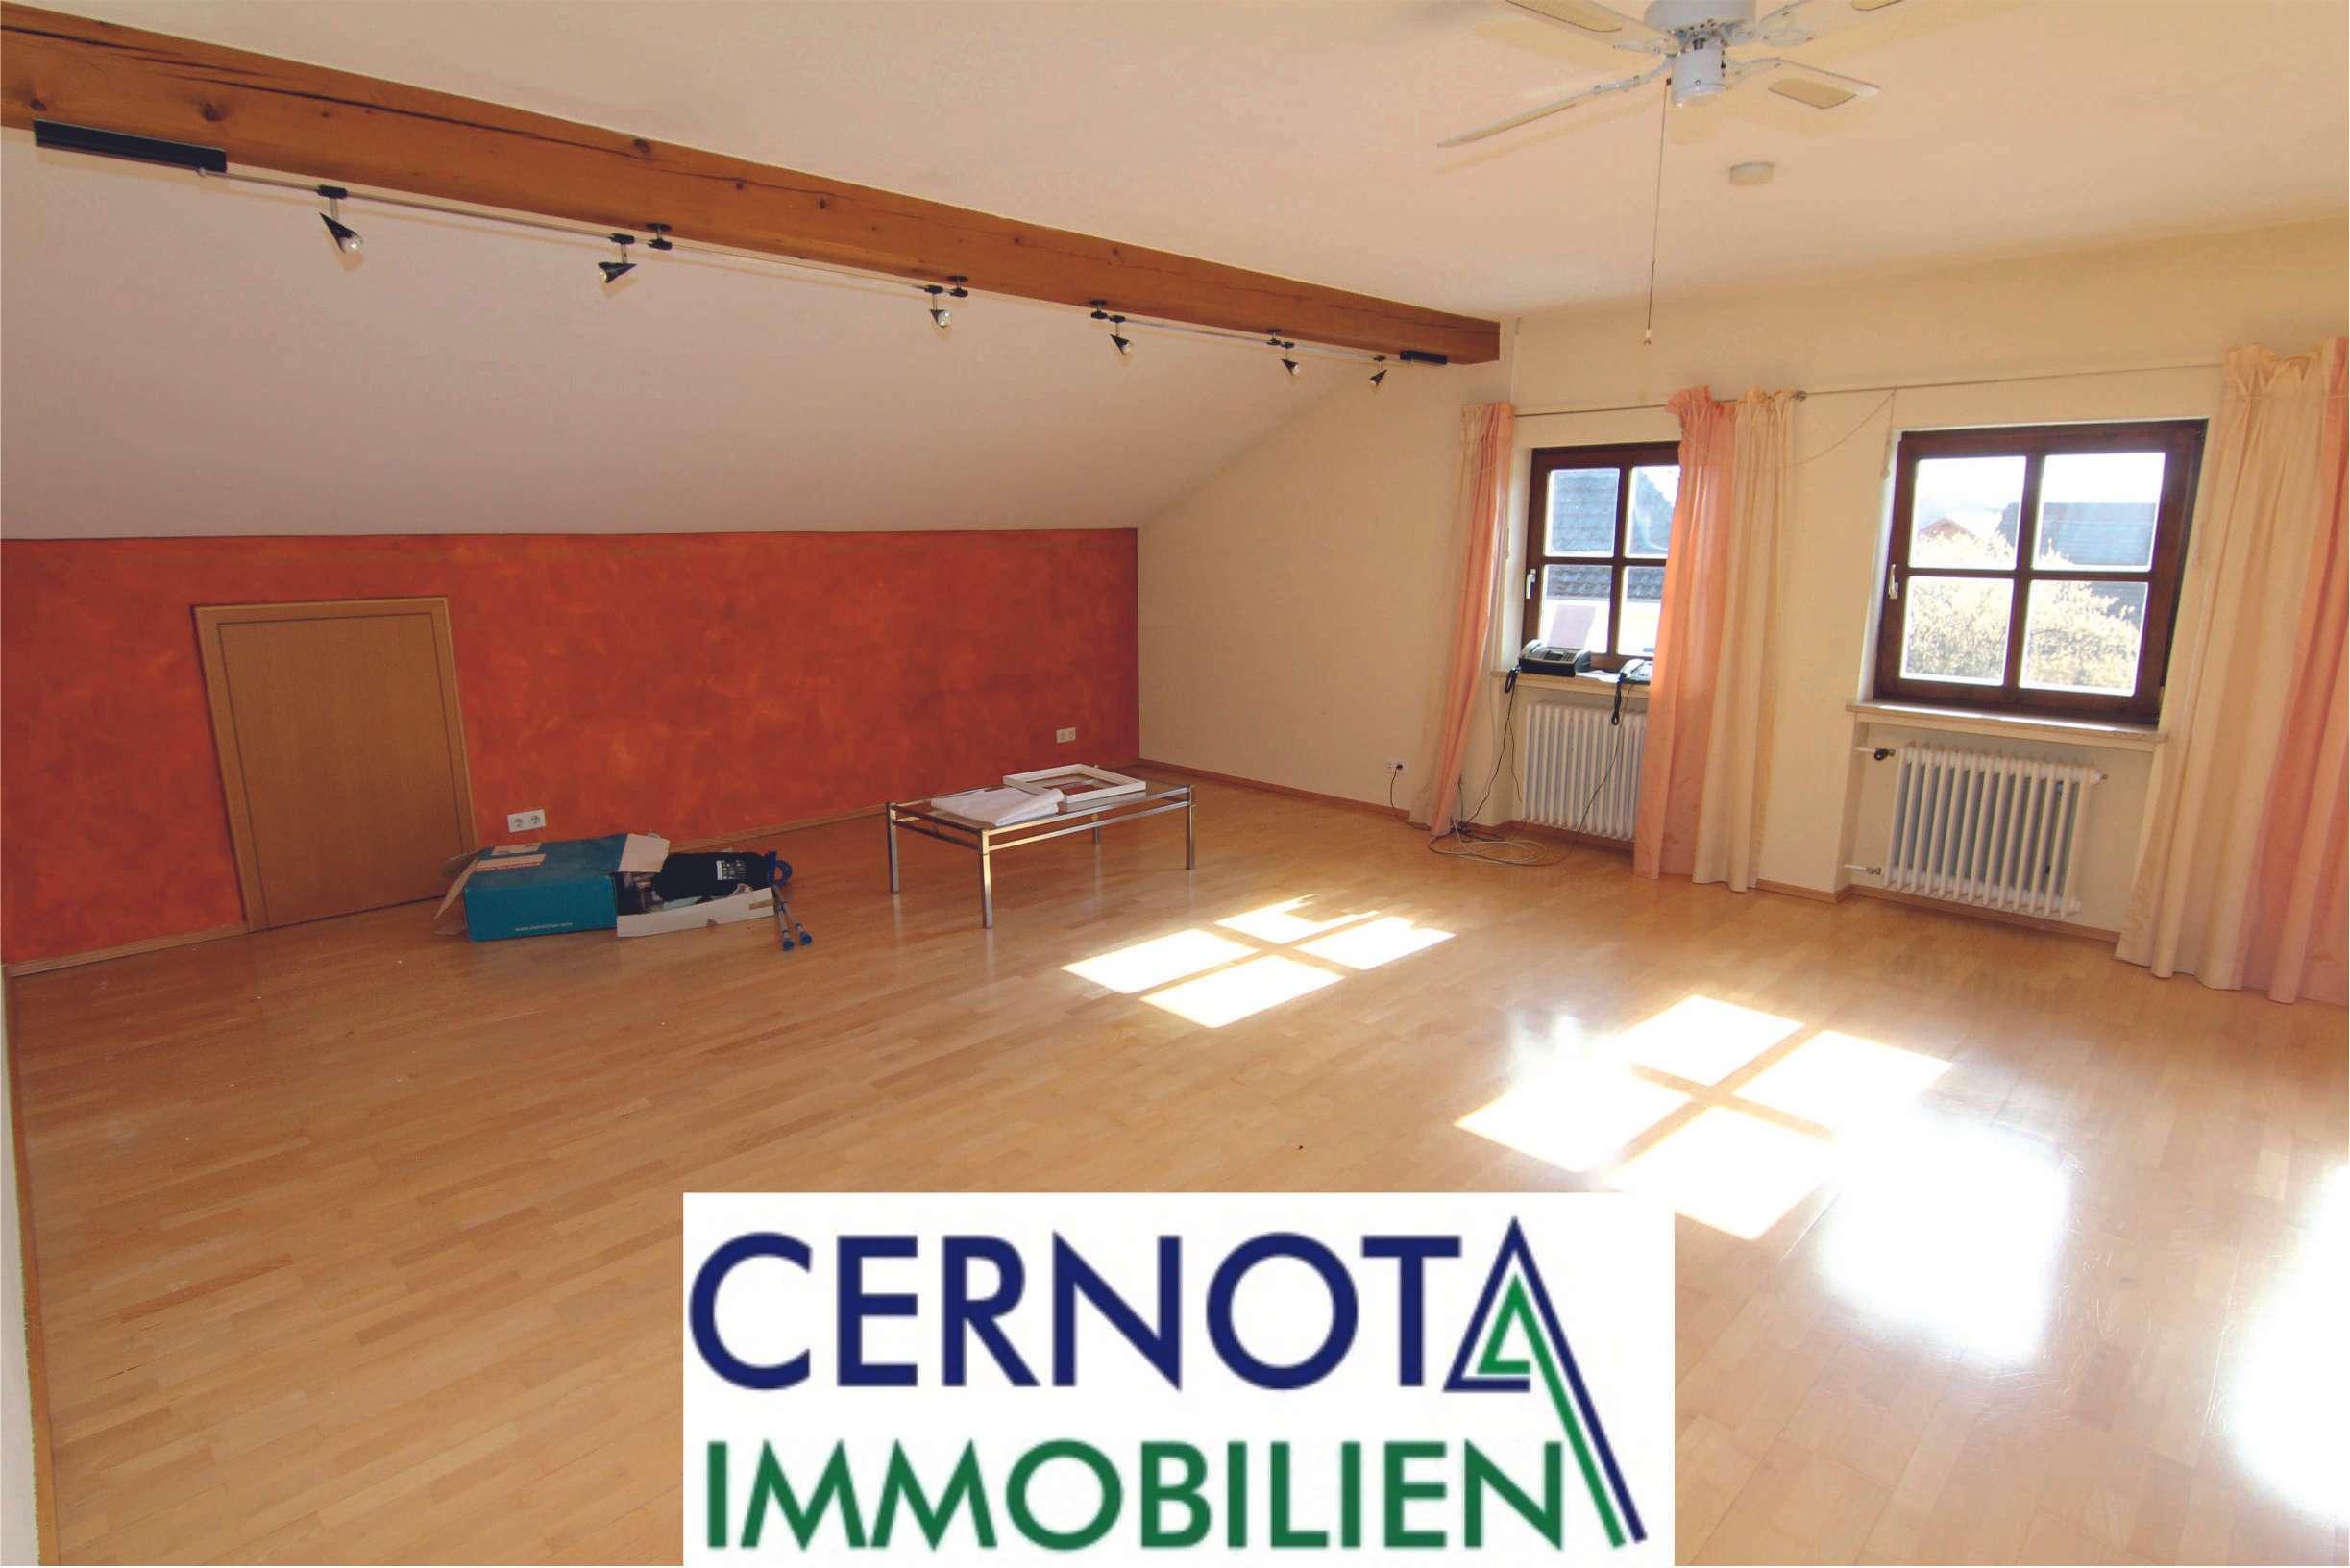 helle 4 Zimmer Dachgeschoss Wohnung in Aigen / Inn - Cernota Immobilien in